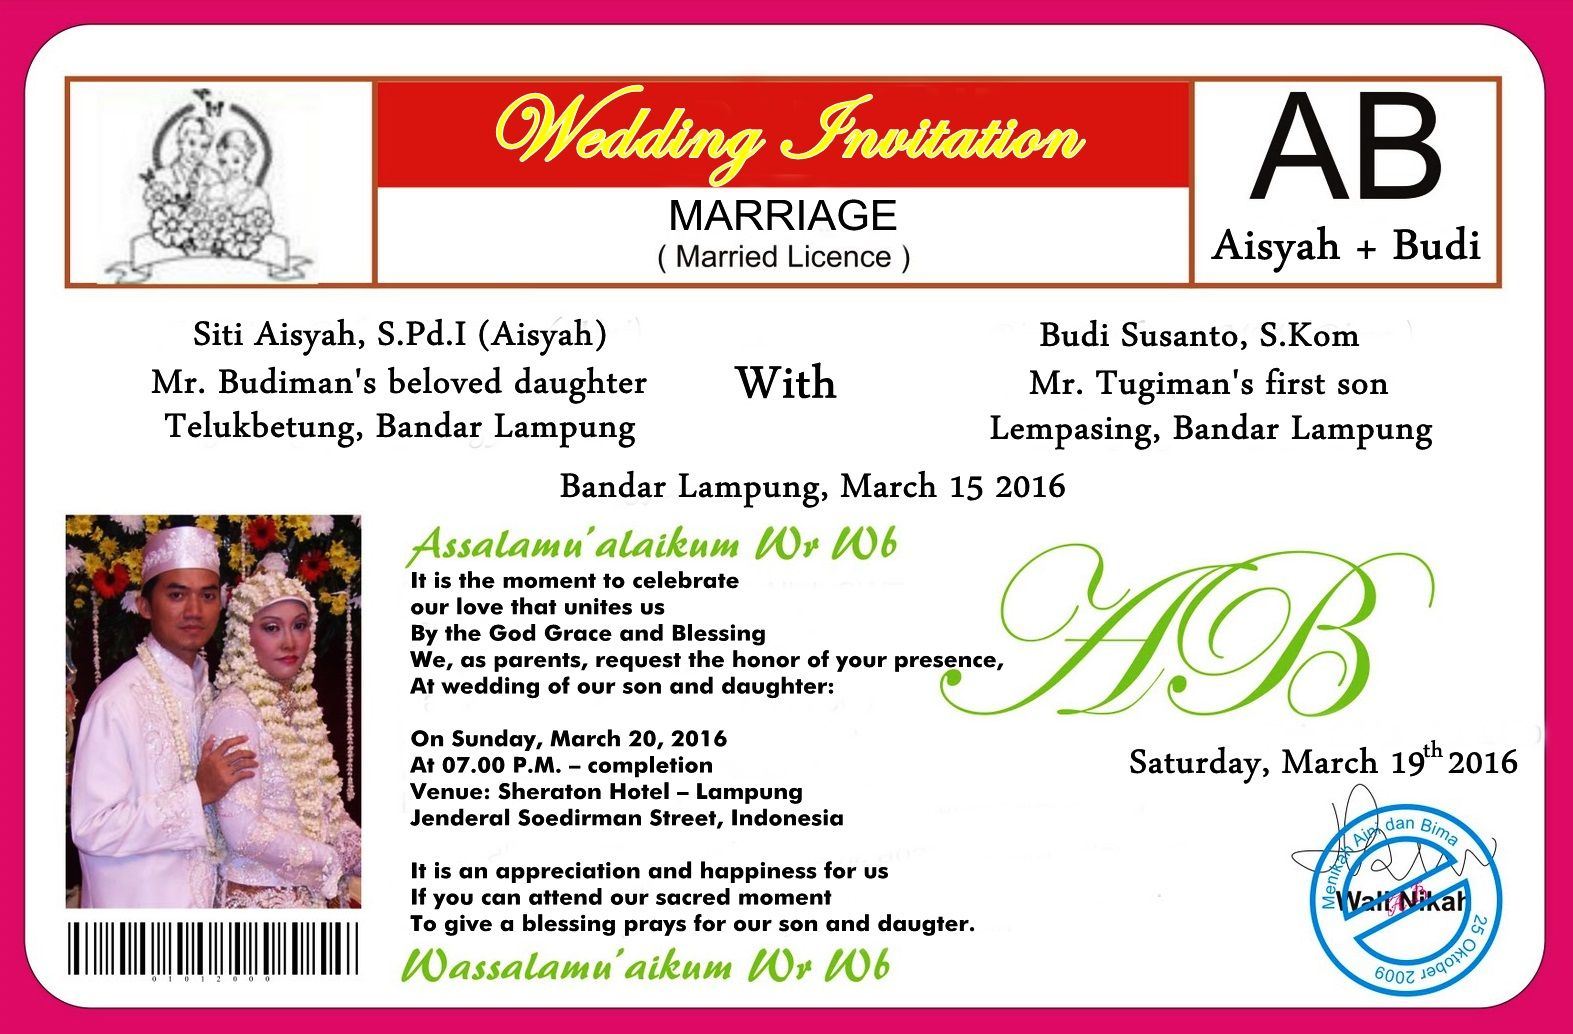 Contoh surat undangan pernikahan dalam bahasa inggris terlengkap contoh surat undangan pernikahan dalam bahasa inggris terlengkap hanya untuk sahabat bdbi semua simak disini stopboris Choice Image